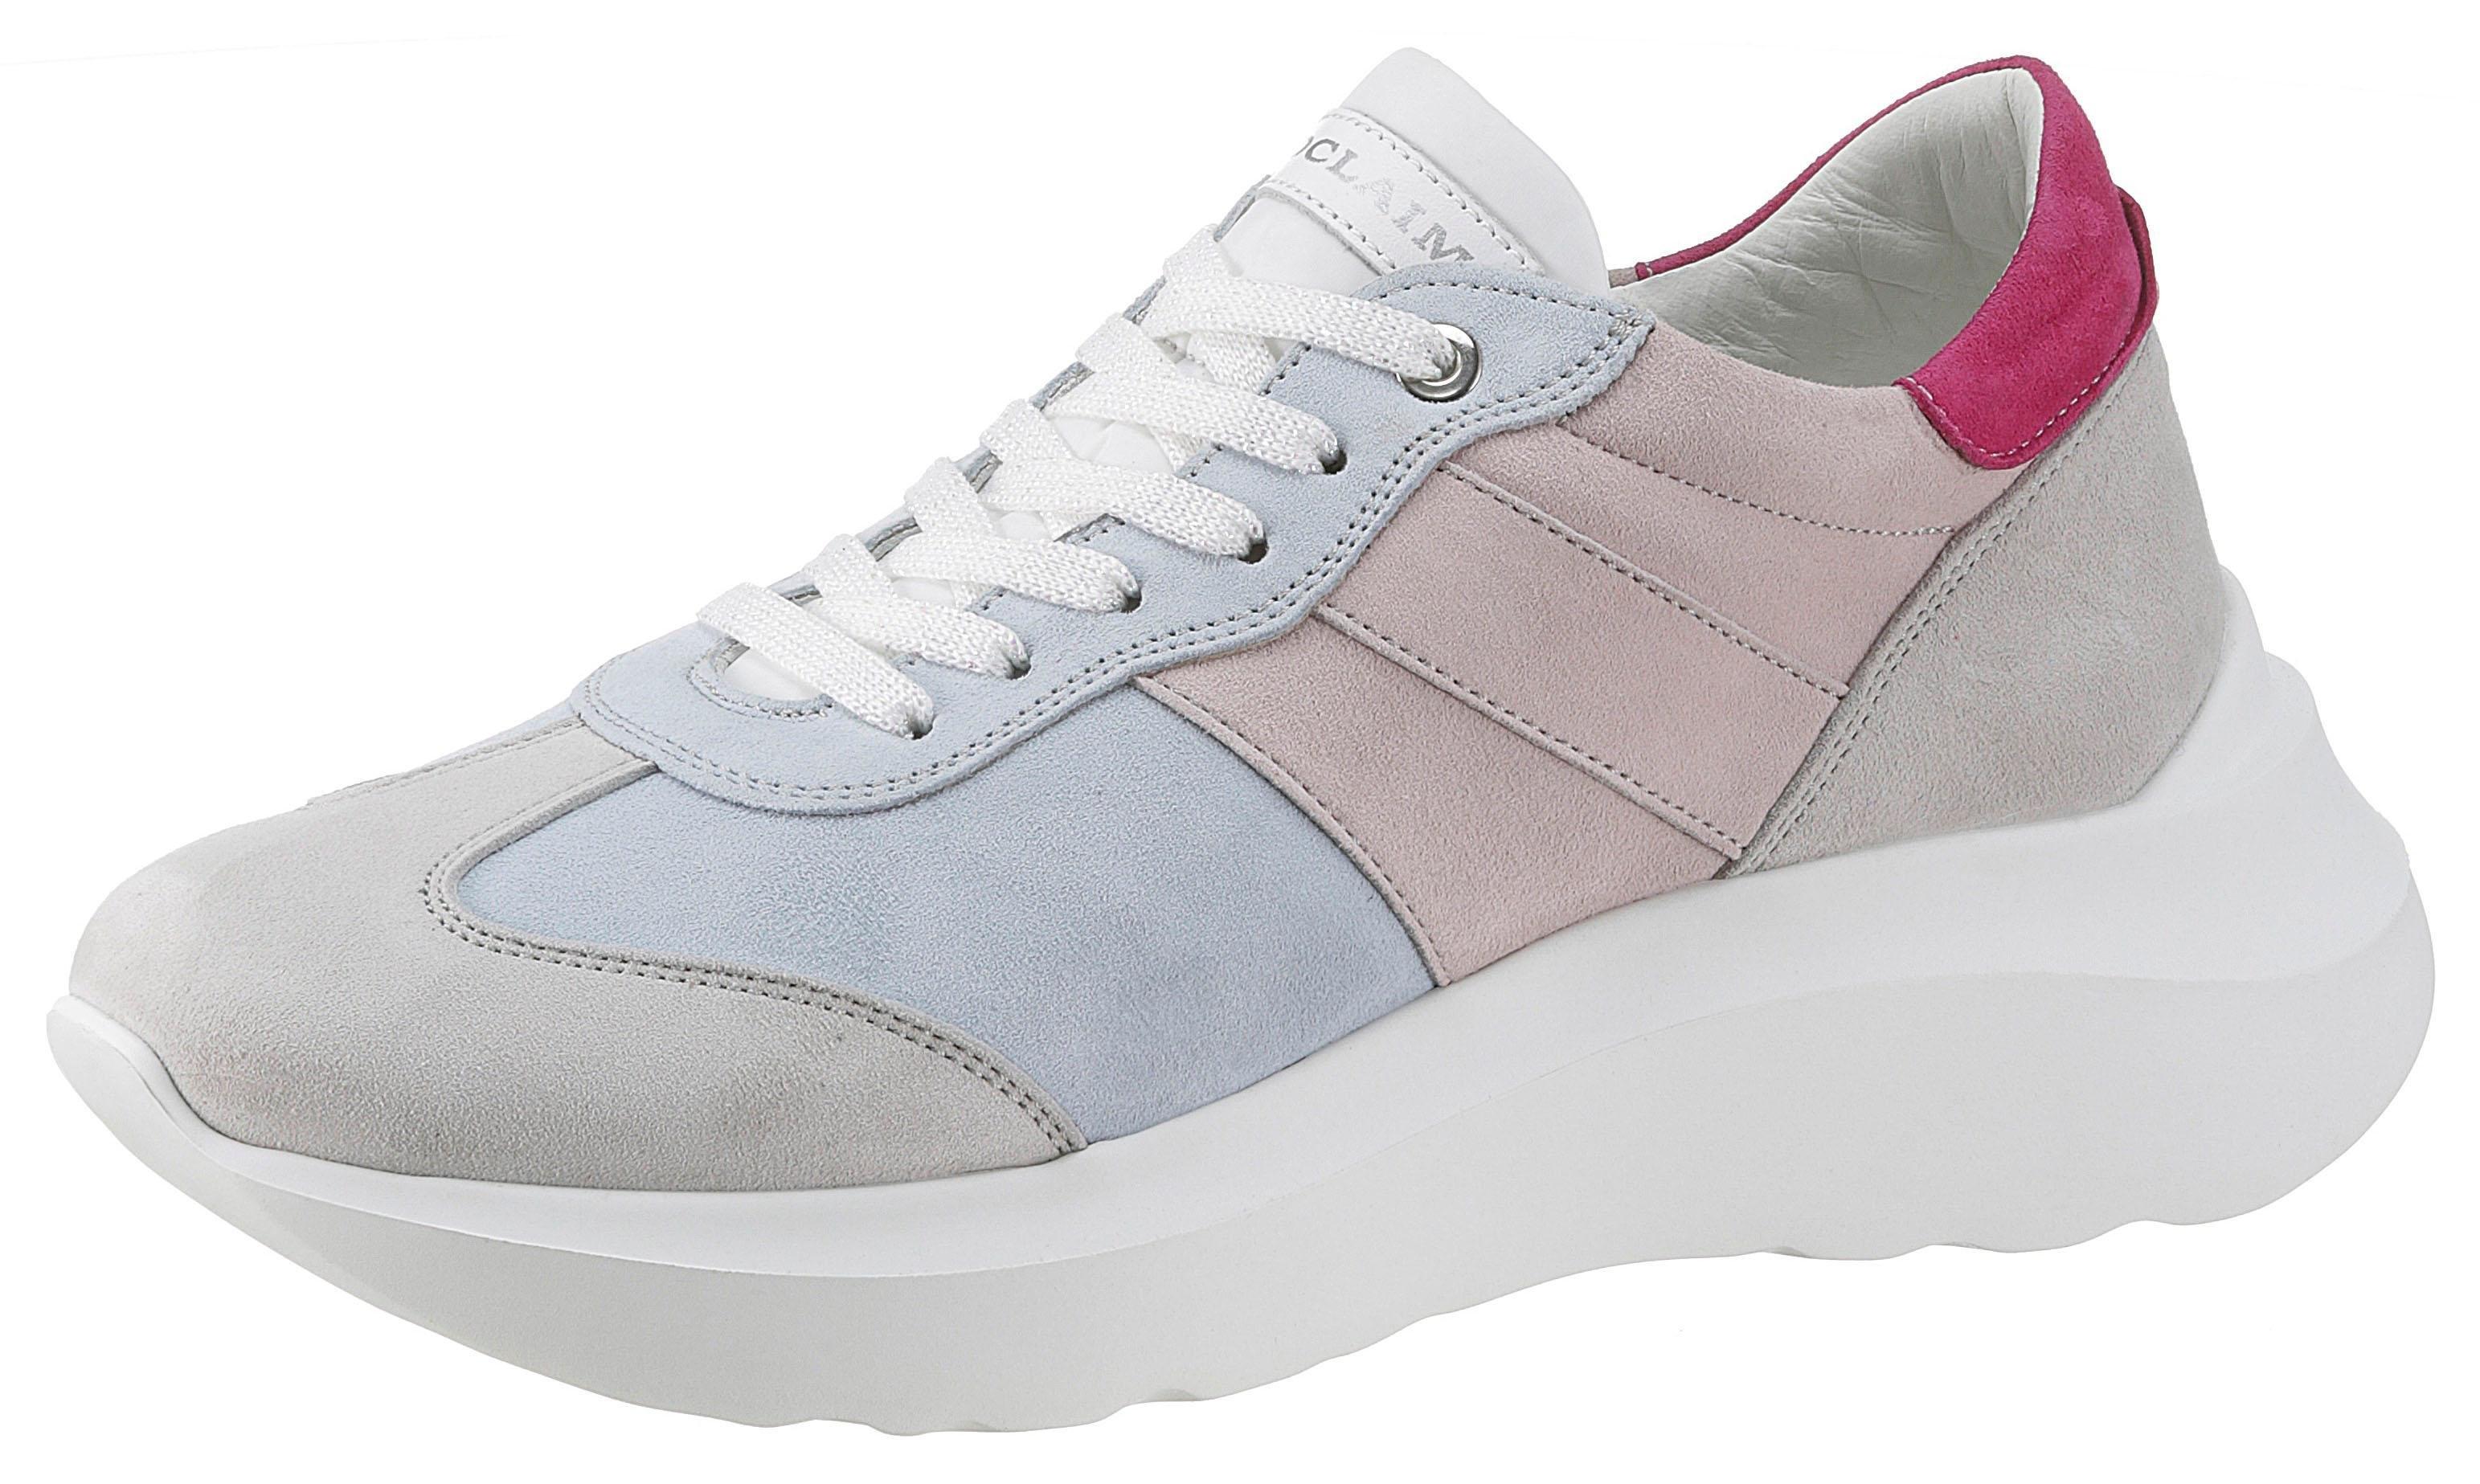 Sneakers Bestellen Sneakers Online Noclaim Sneakers Bestellen Noclaim Sneakers Noclaim Online Online Bestellen Noclaim FKJlcT1